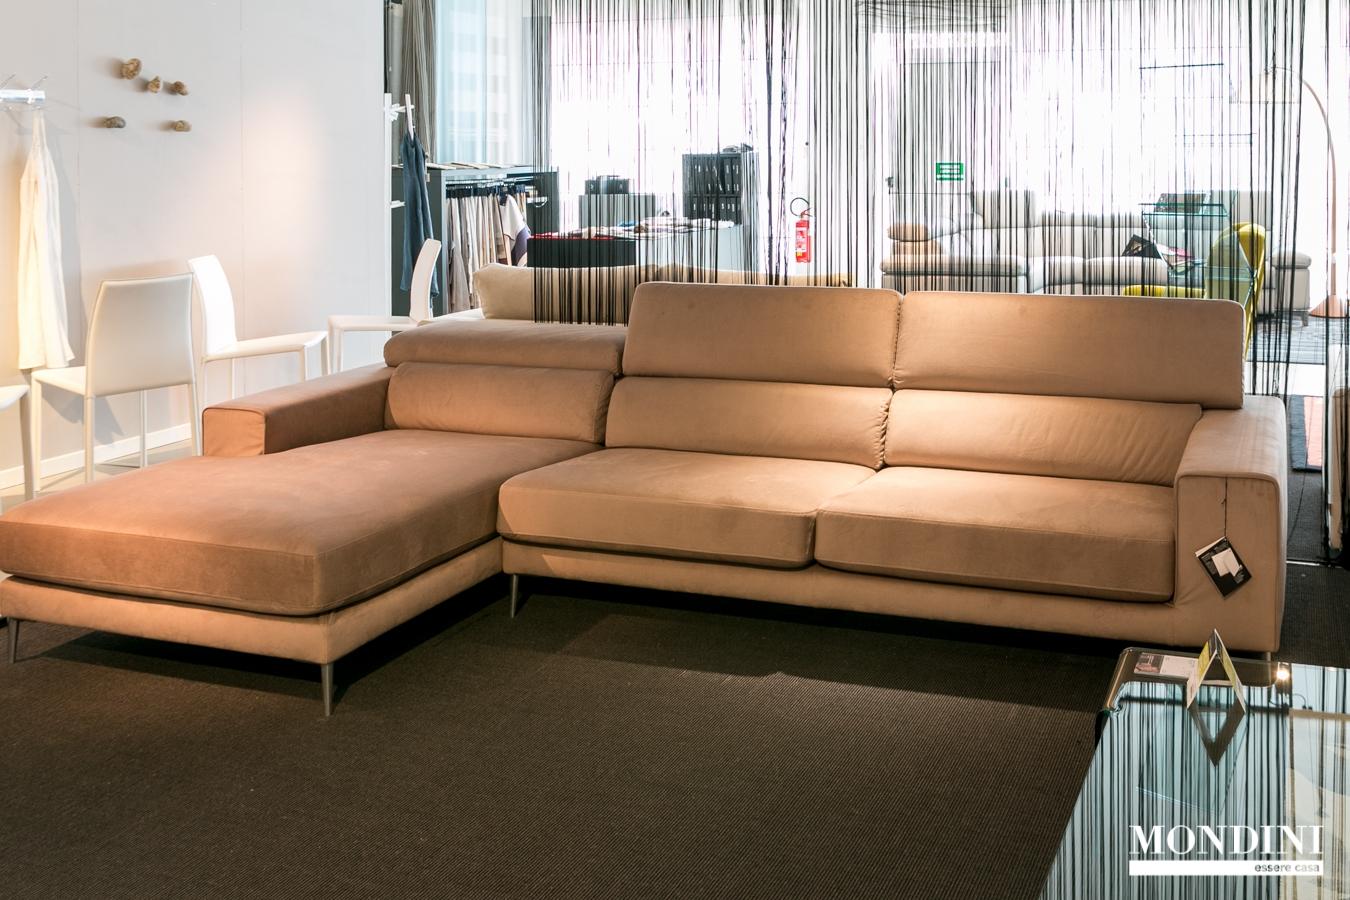 Divano ad angolo ditr italia modello anderson scontato - Dimensioni divano ad angolo ...